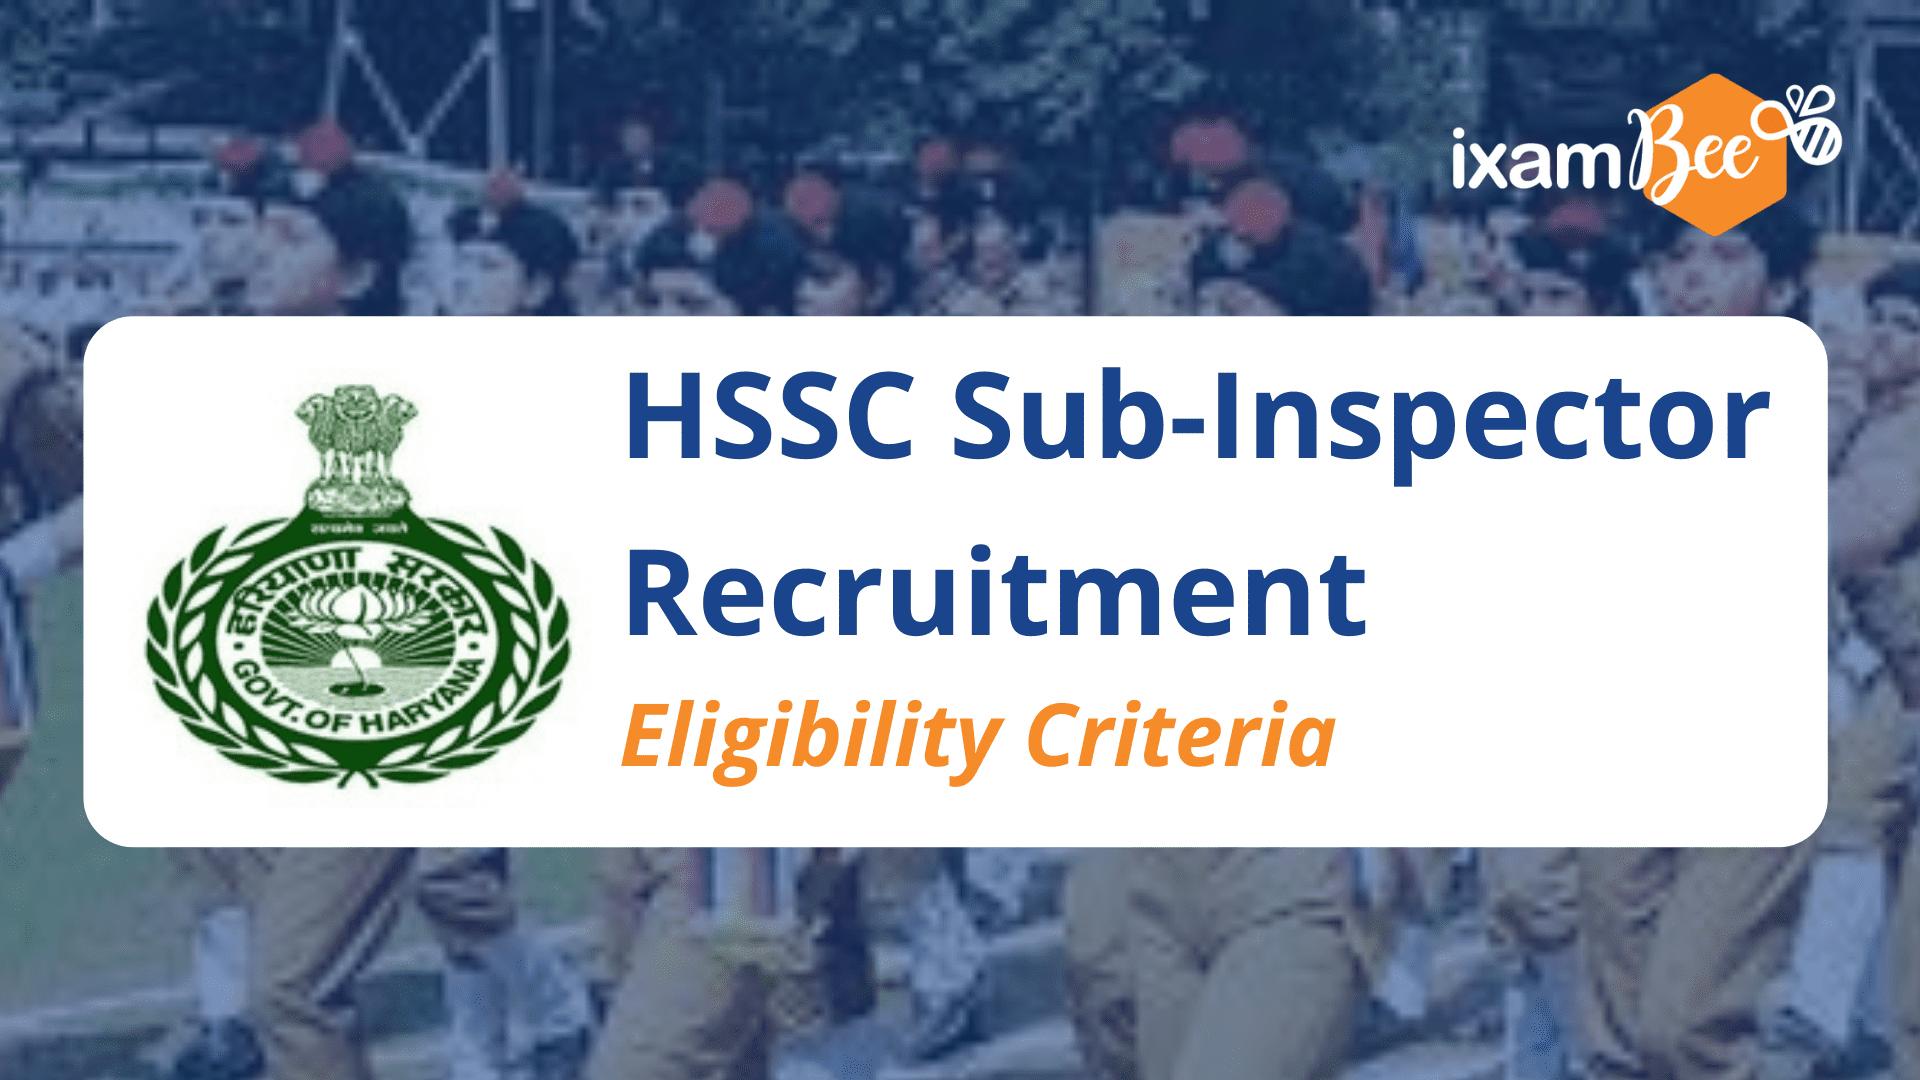 HSSC Sub-Inspector Recruitment Eligibility Criteria